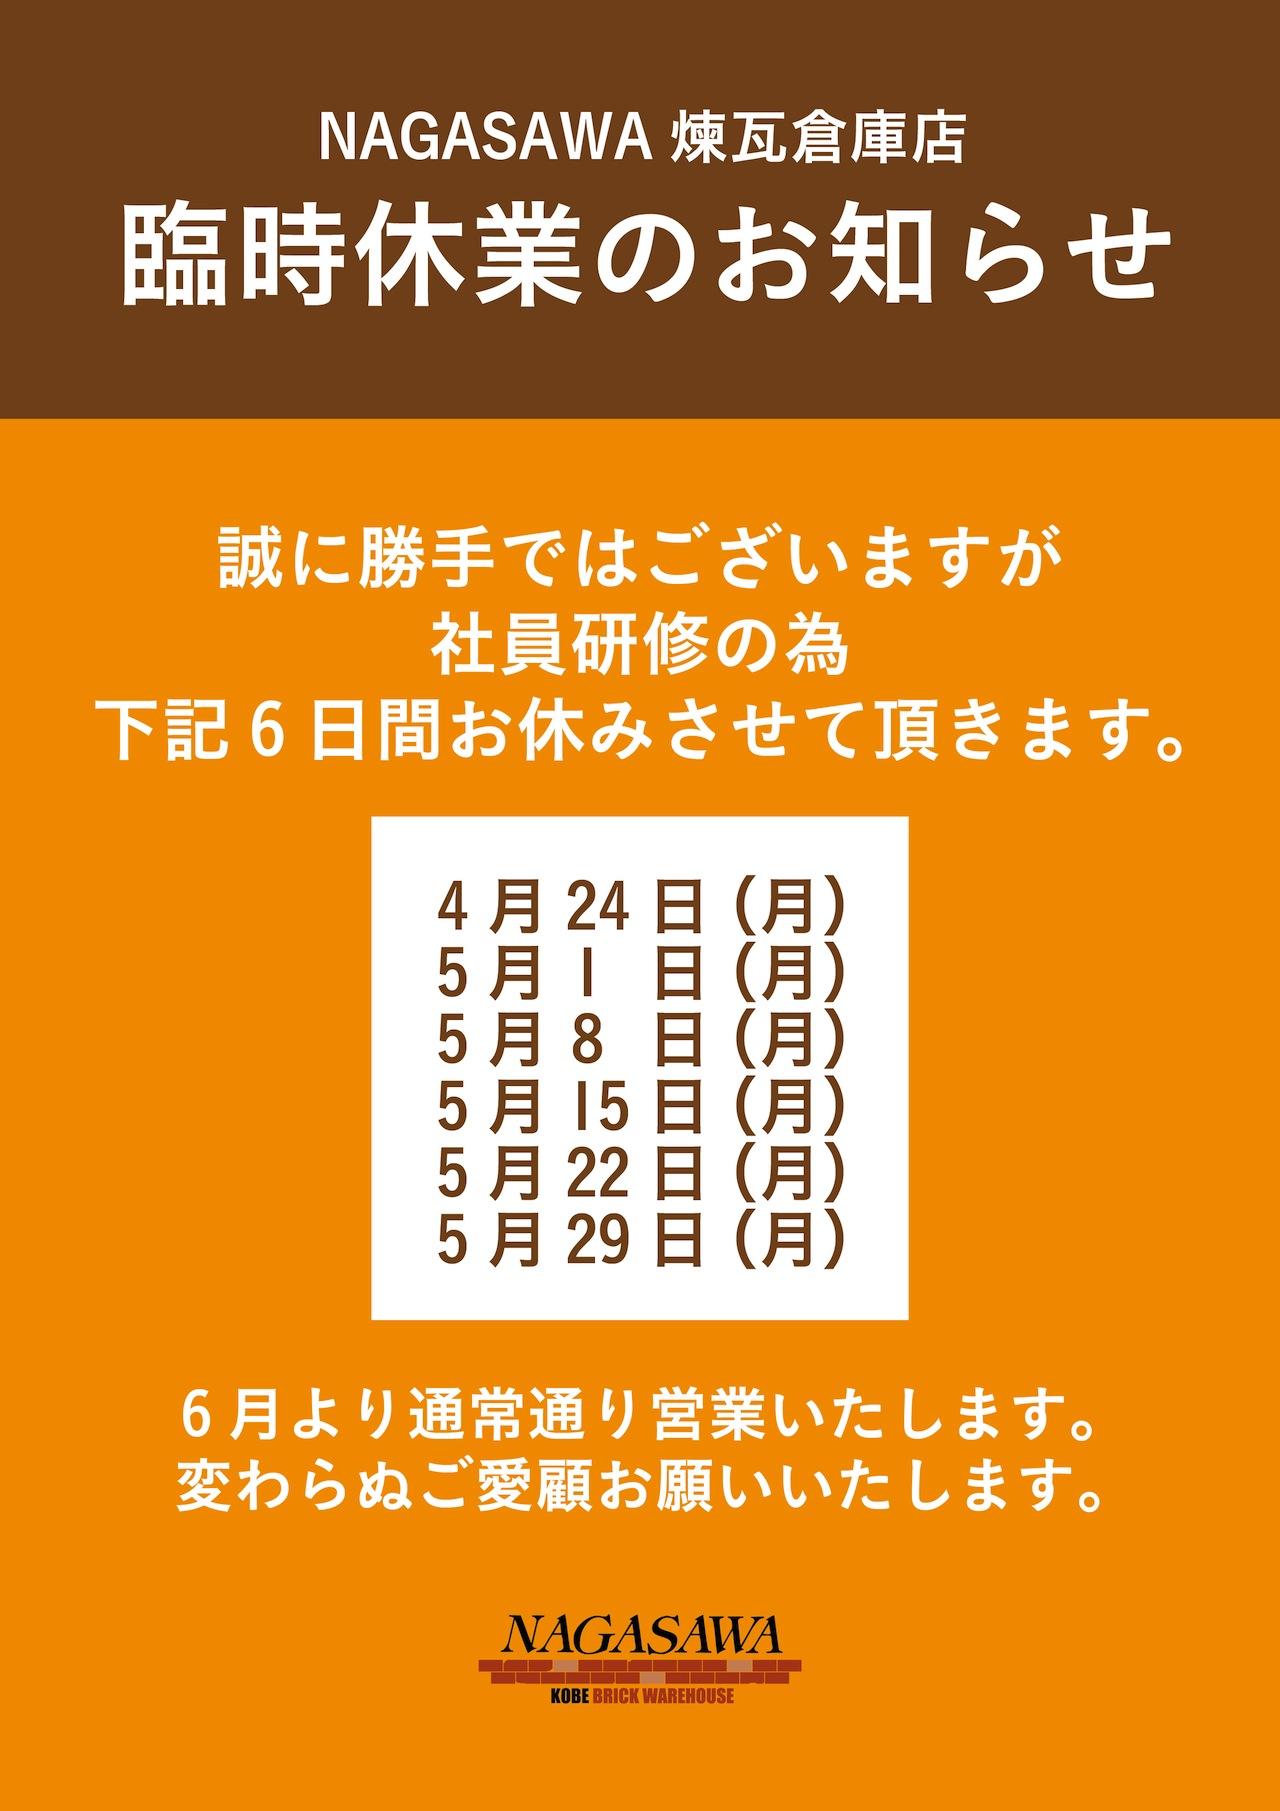 NAGASAWA煉瓦倉庫店 臨時休業のお知らせ